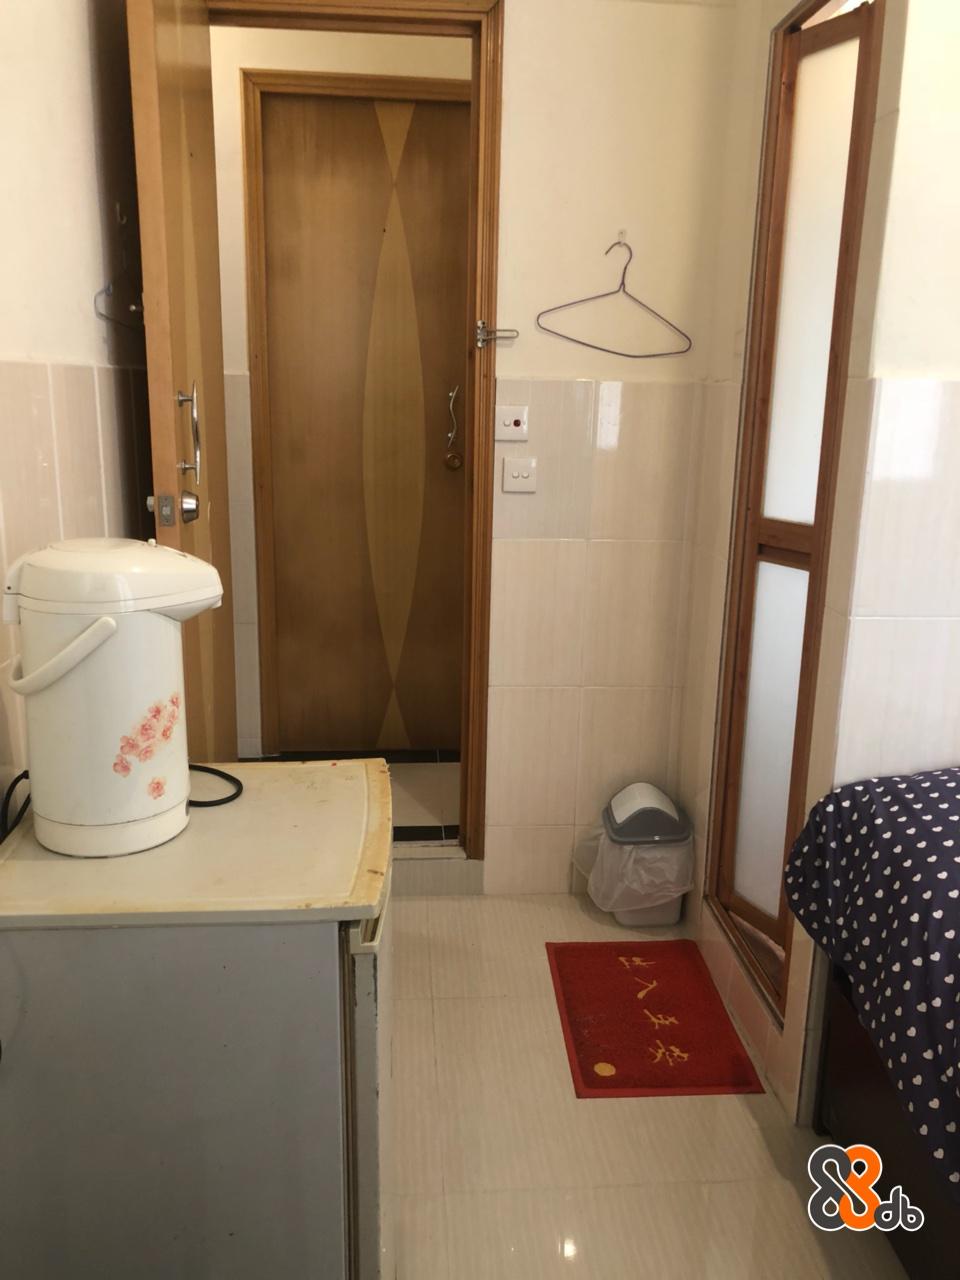 Room,Property,Floor,